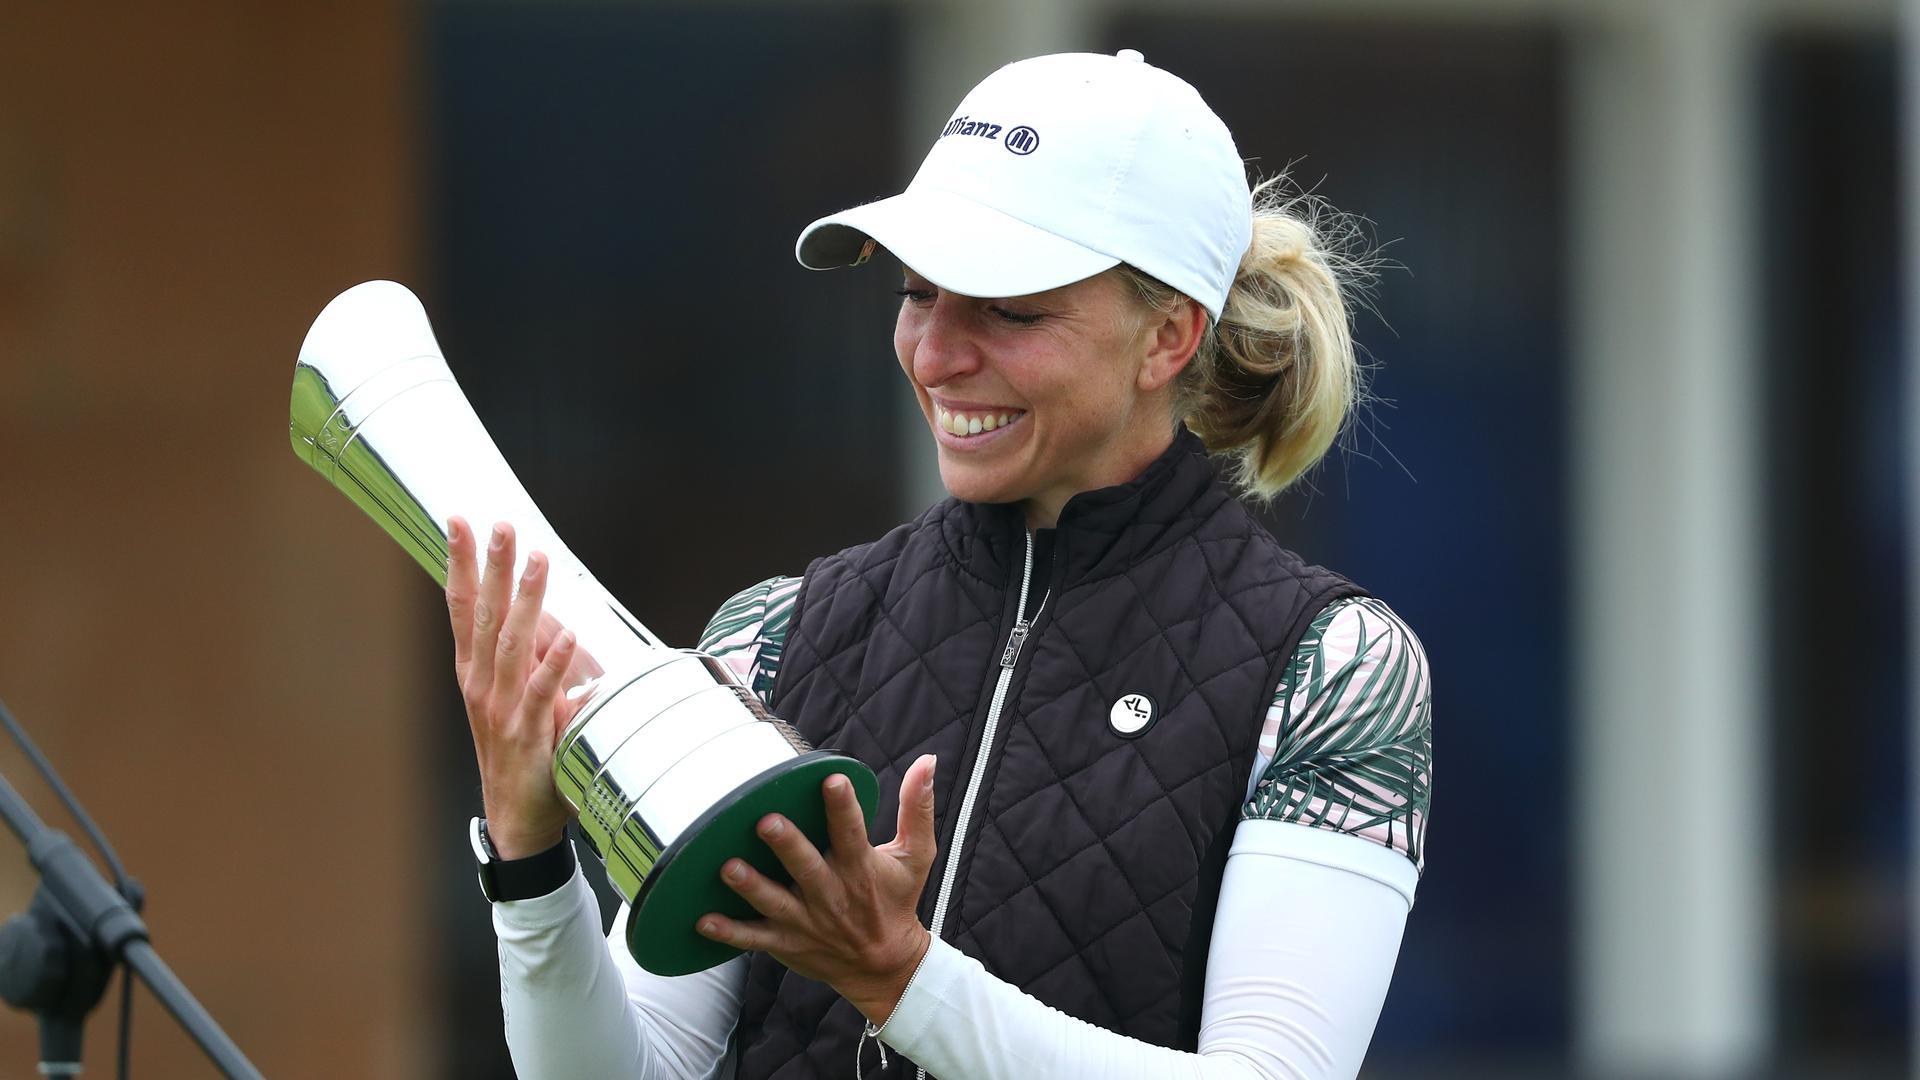 Golf: British Open, LPGA Tour und Ladies European Tour 2020, AIG Women's Open. Deutsche Golferin Sophia Popov freut sich und hält den Pokal in ihren Händen. Popov hat als erste deutsche Golferin sensationell ein Major-Turnier gewonnen.